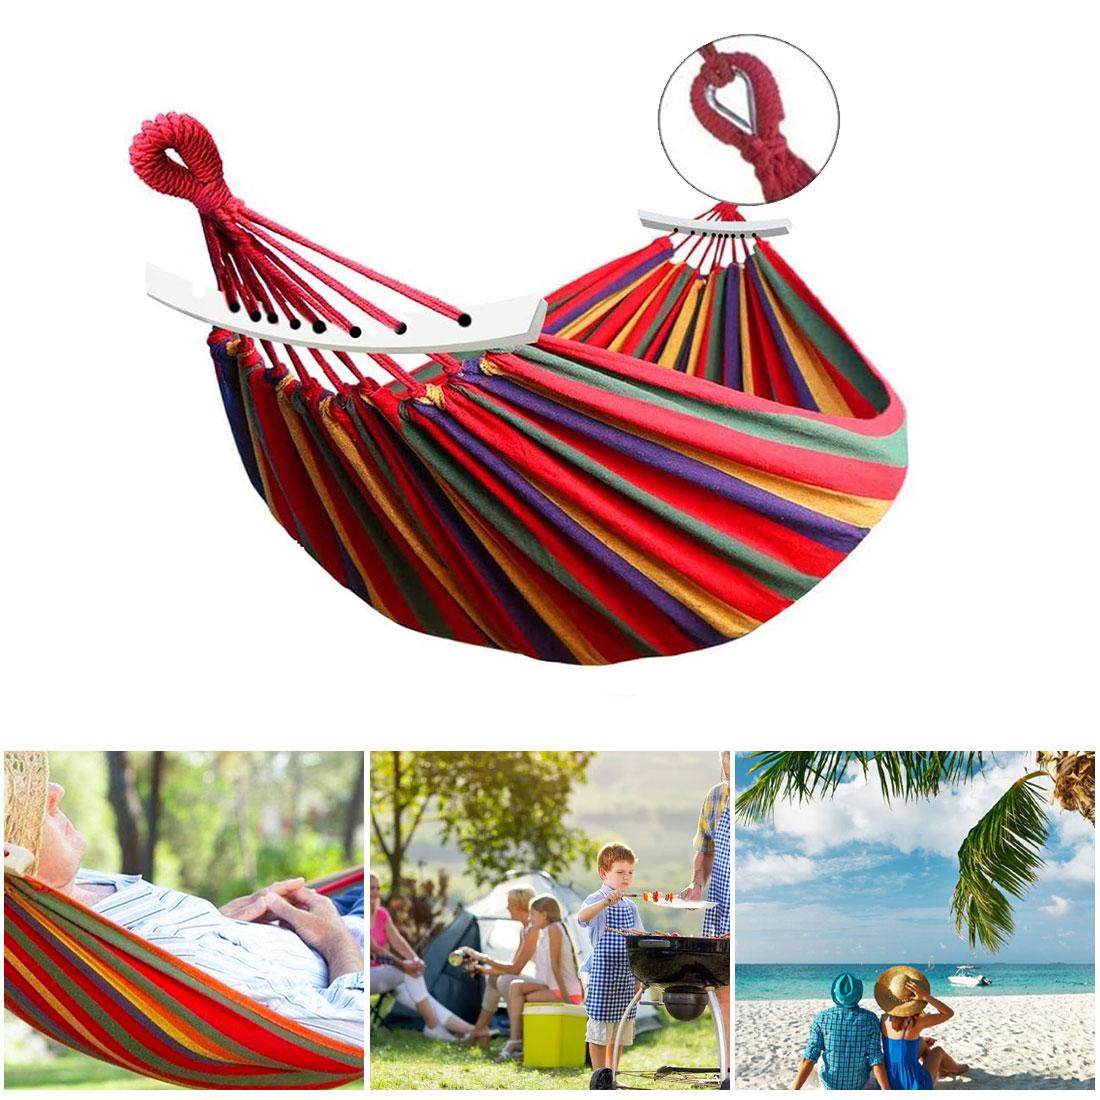 Портативный гамак из холщовой ткани, уличный гамак для кемпинга, толстый садовый качели, подвесное кресло-качели, подвесной коврик